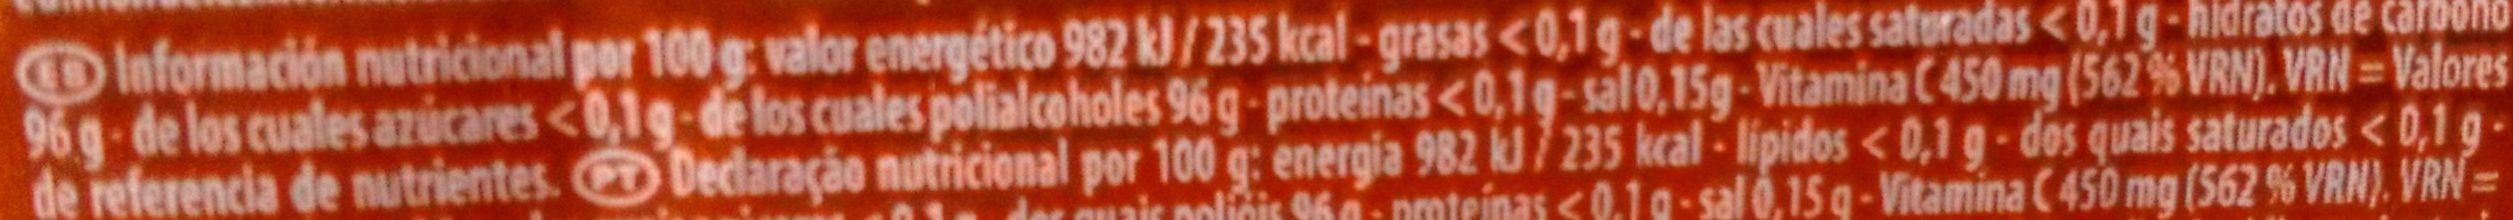 Citrus Mix - Información nutricional